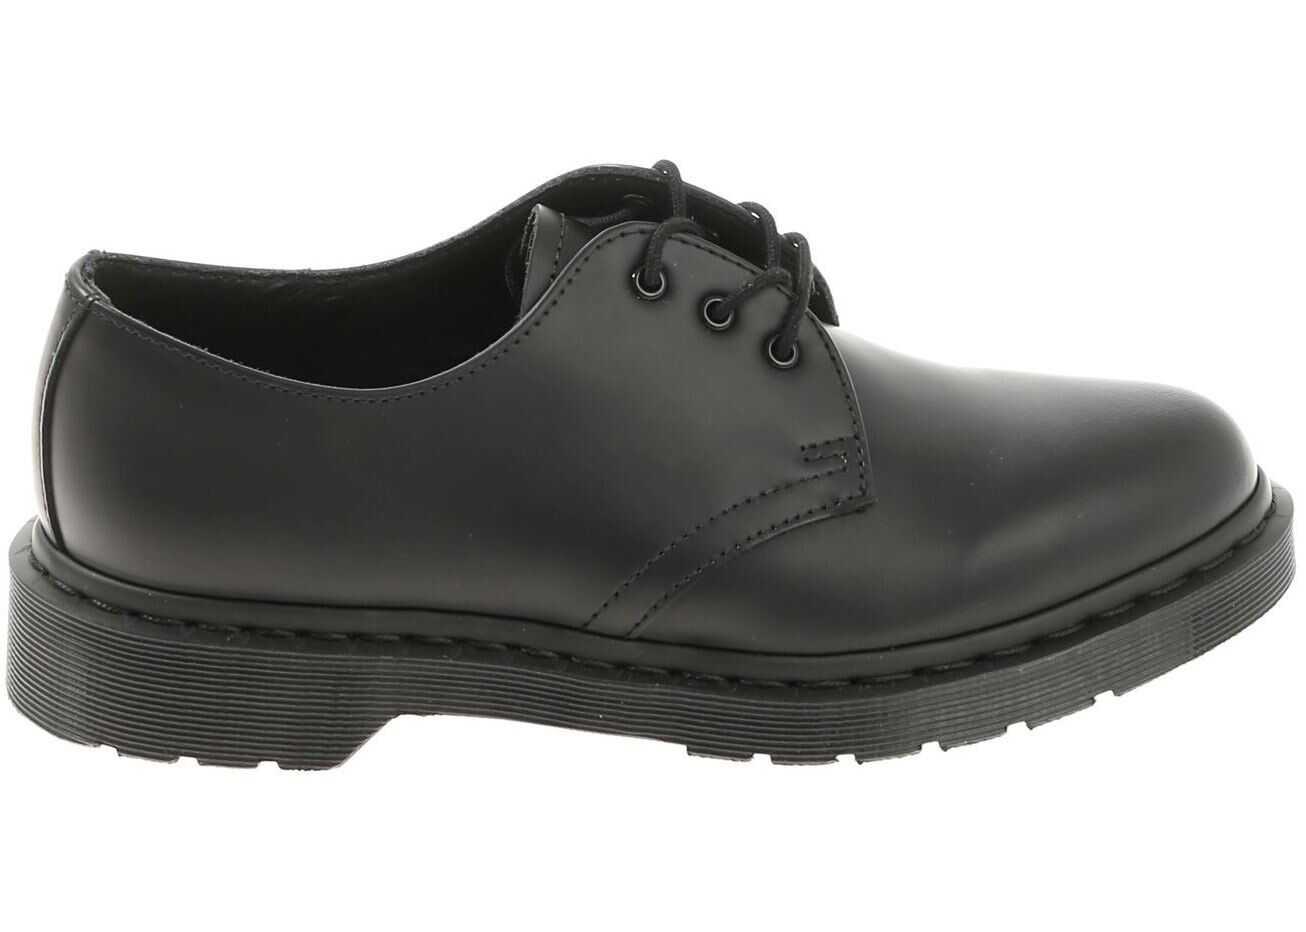 Dr. Martens Mono Derby 1461 Black Shoes Black